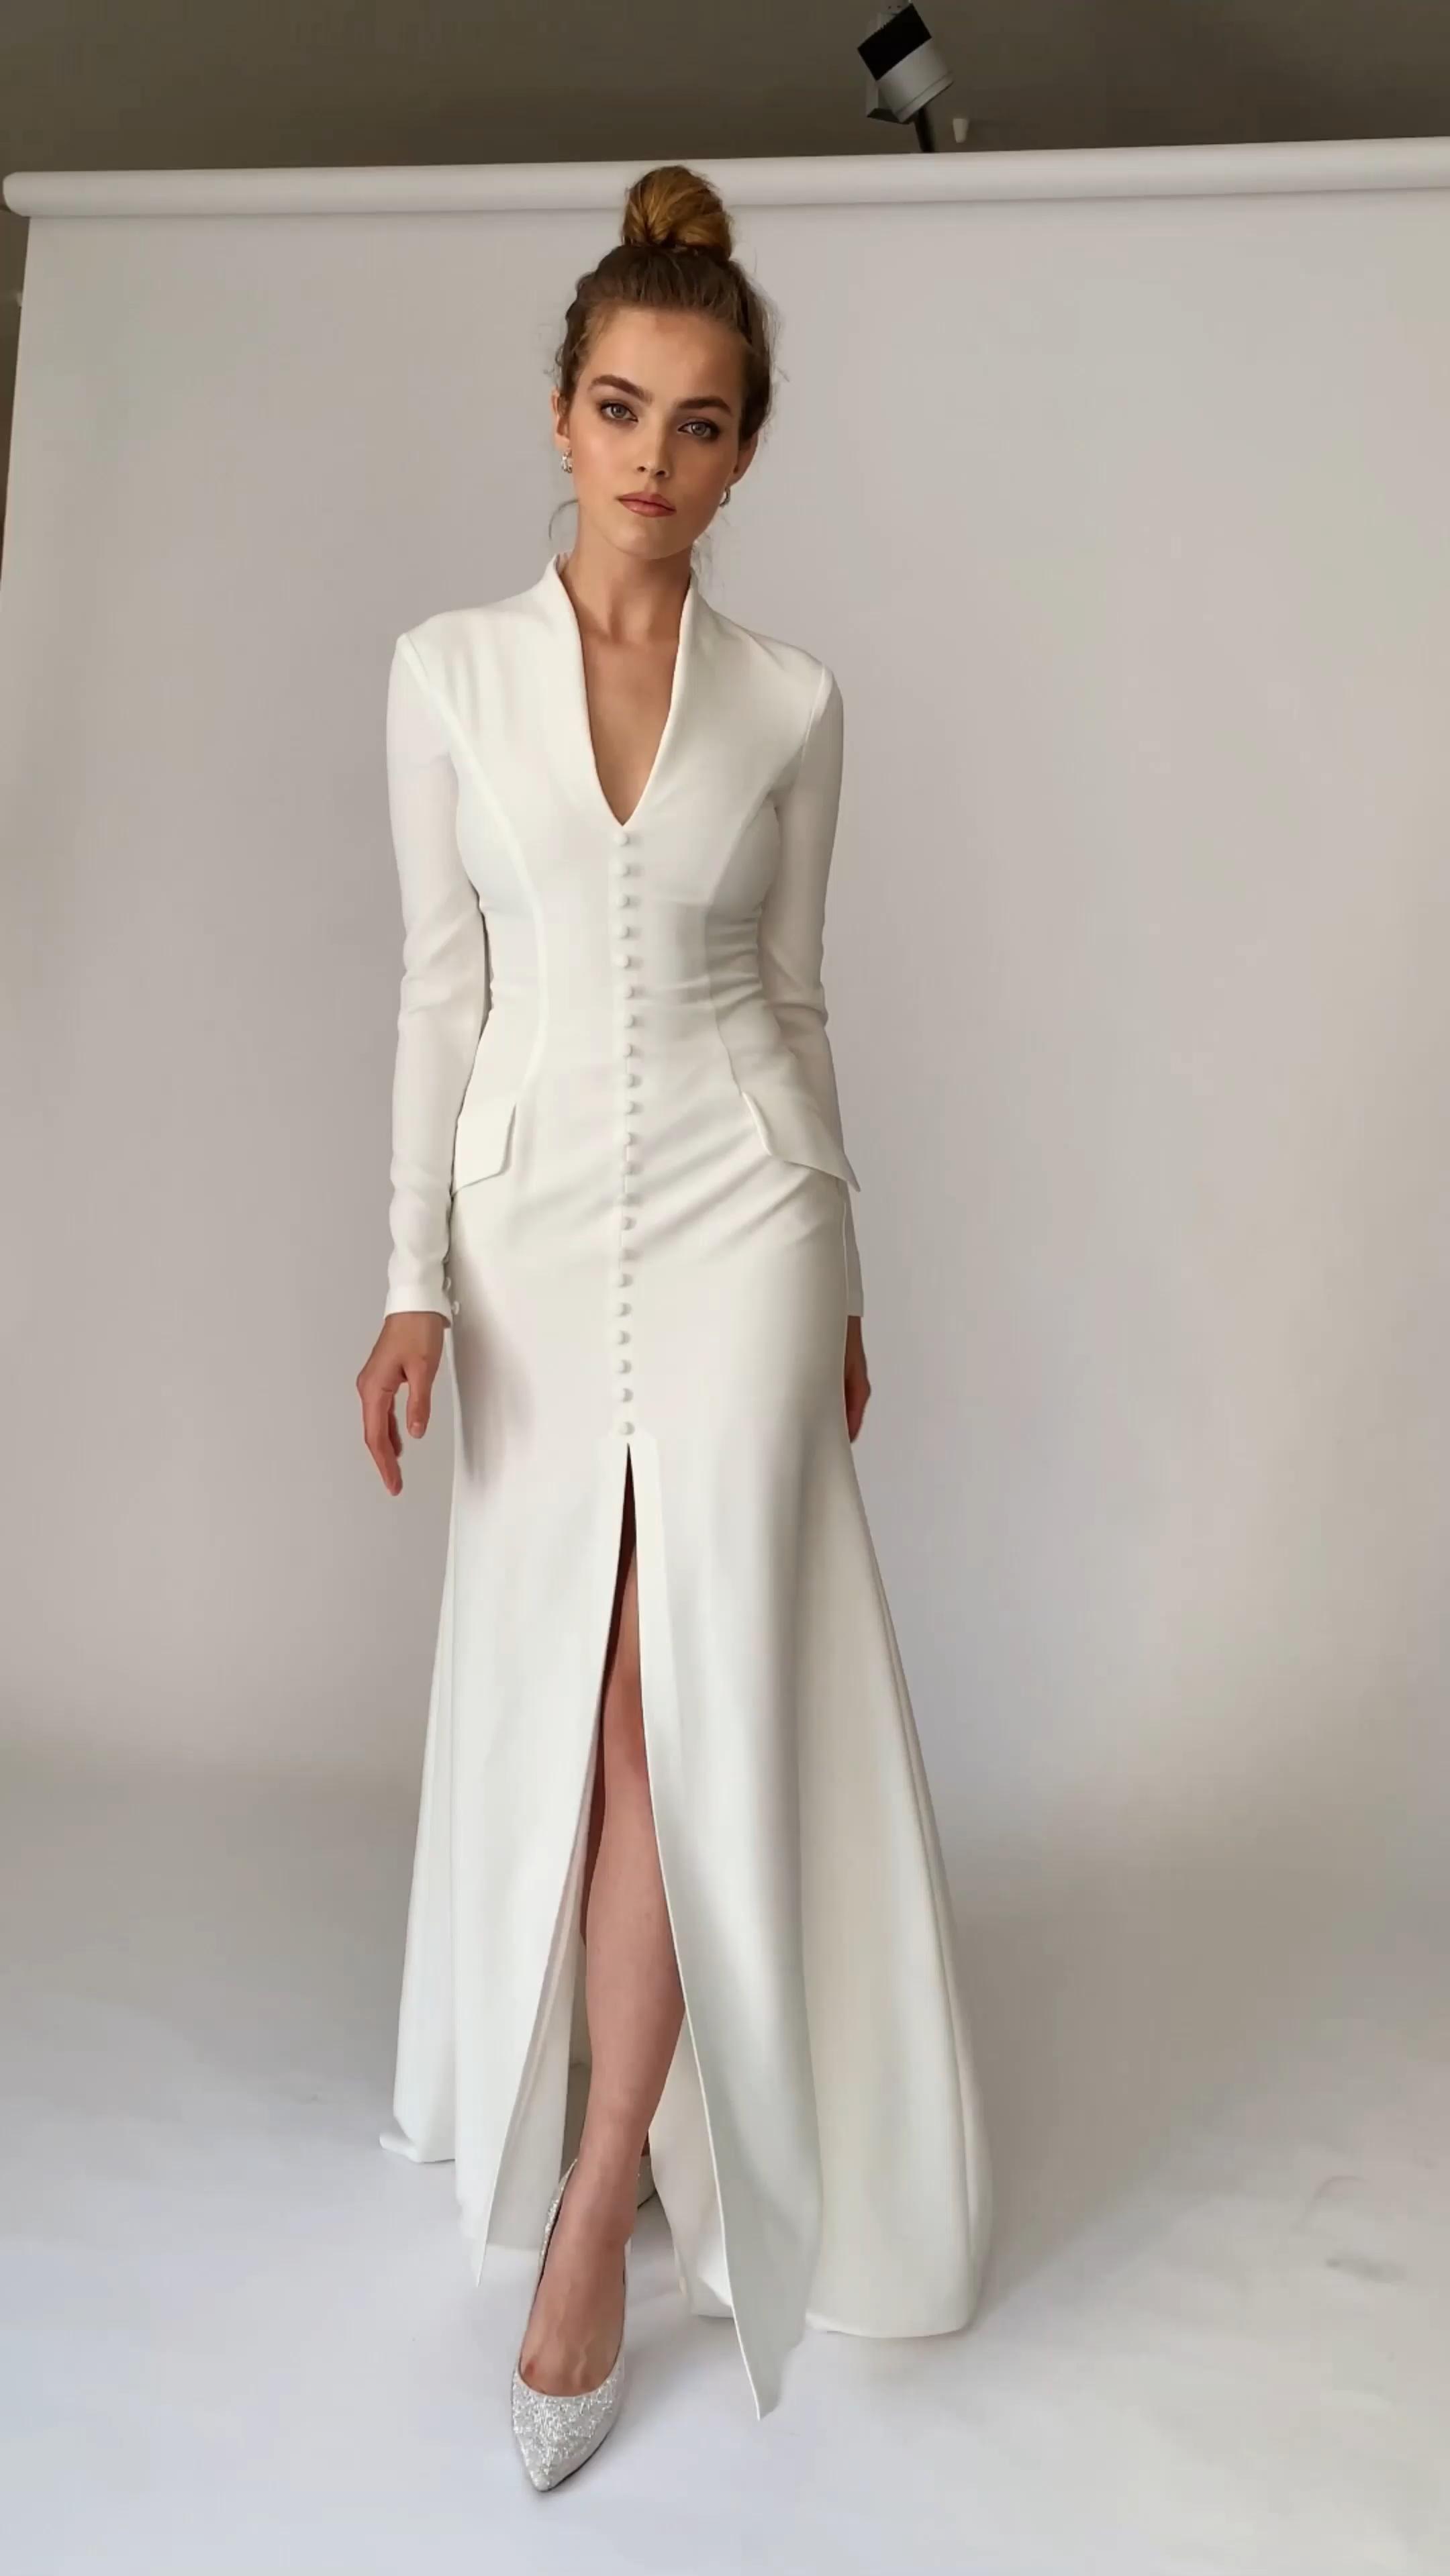 Свадебное платье Олсен/Wedding dress Olsen